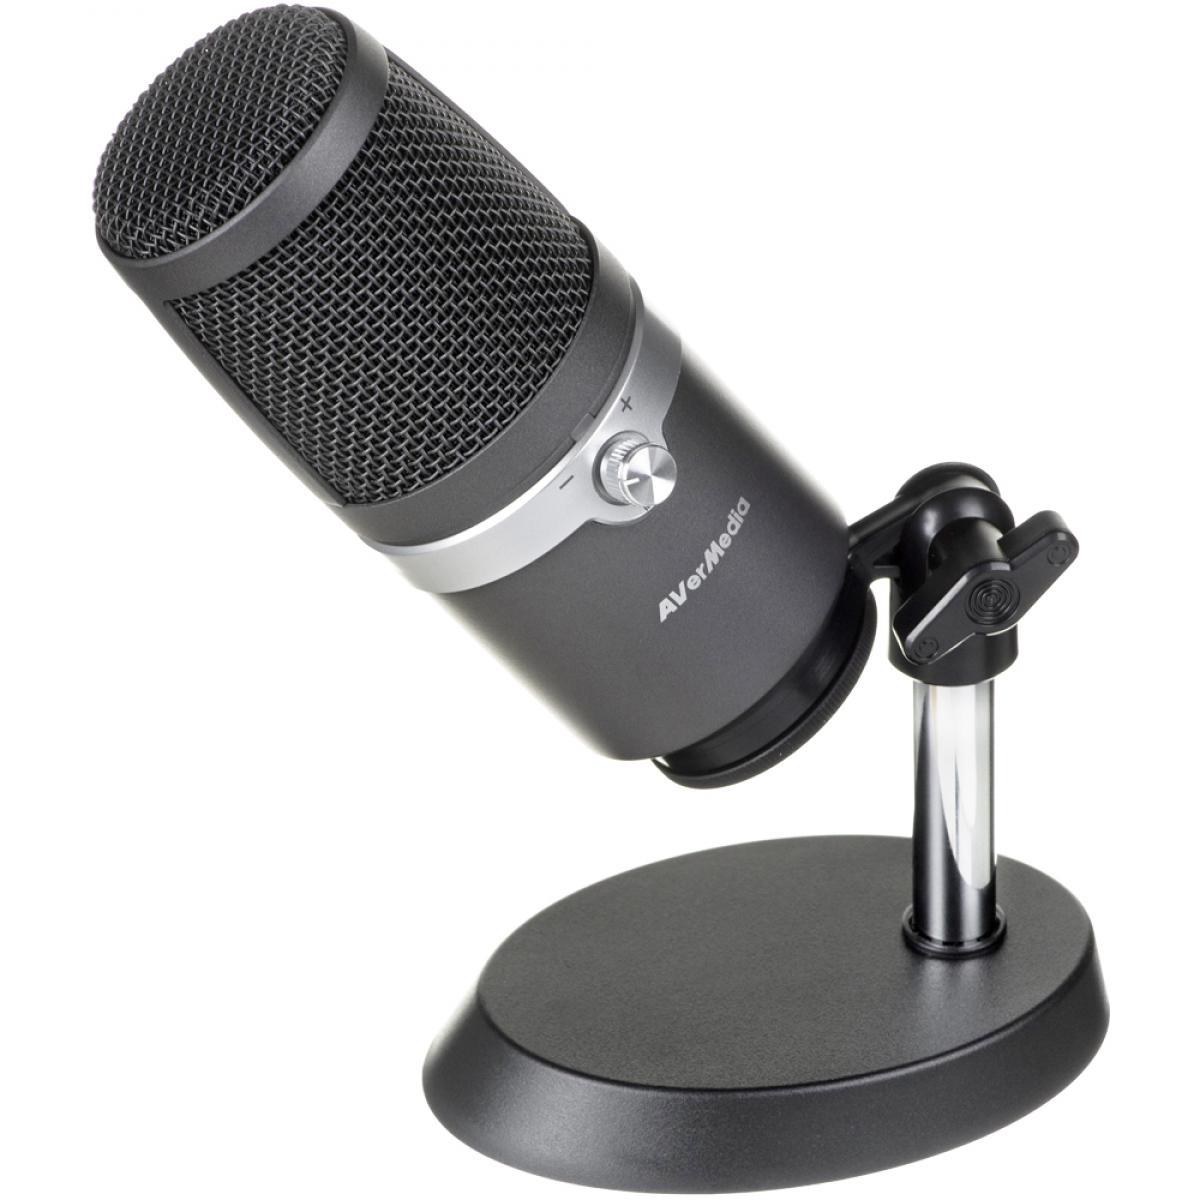 Картинки микрофон для компьютера